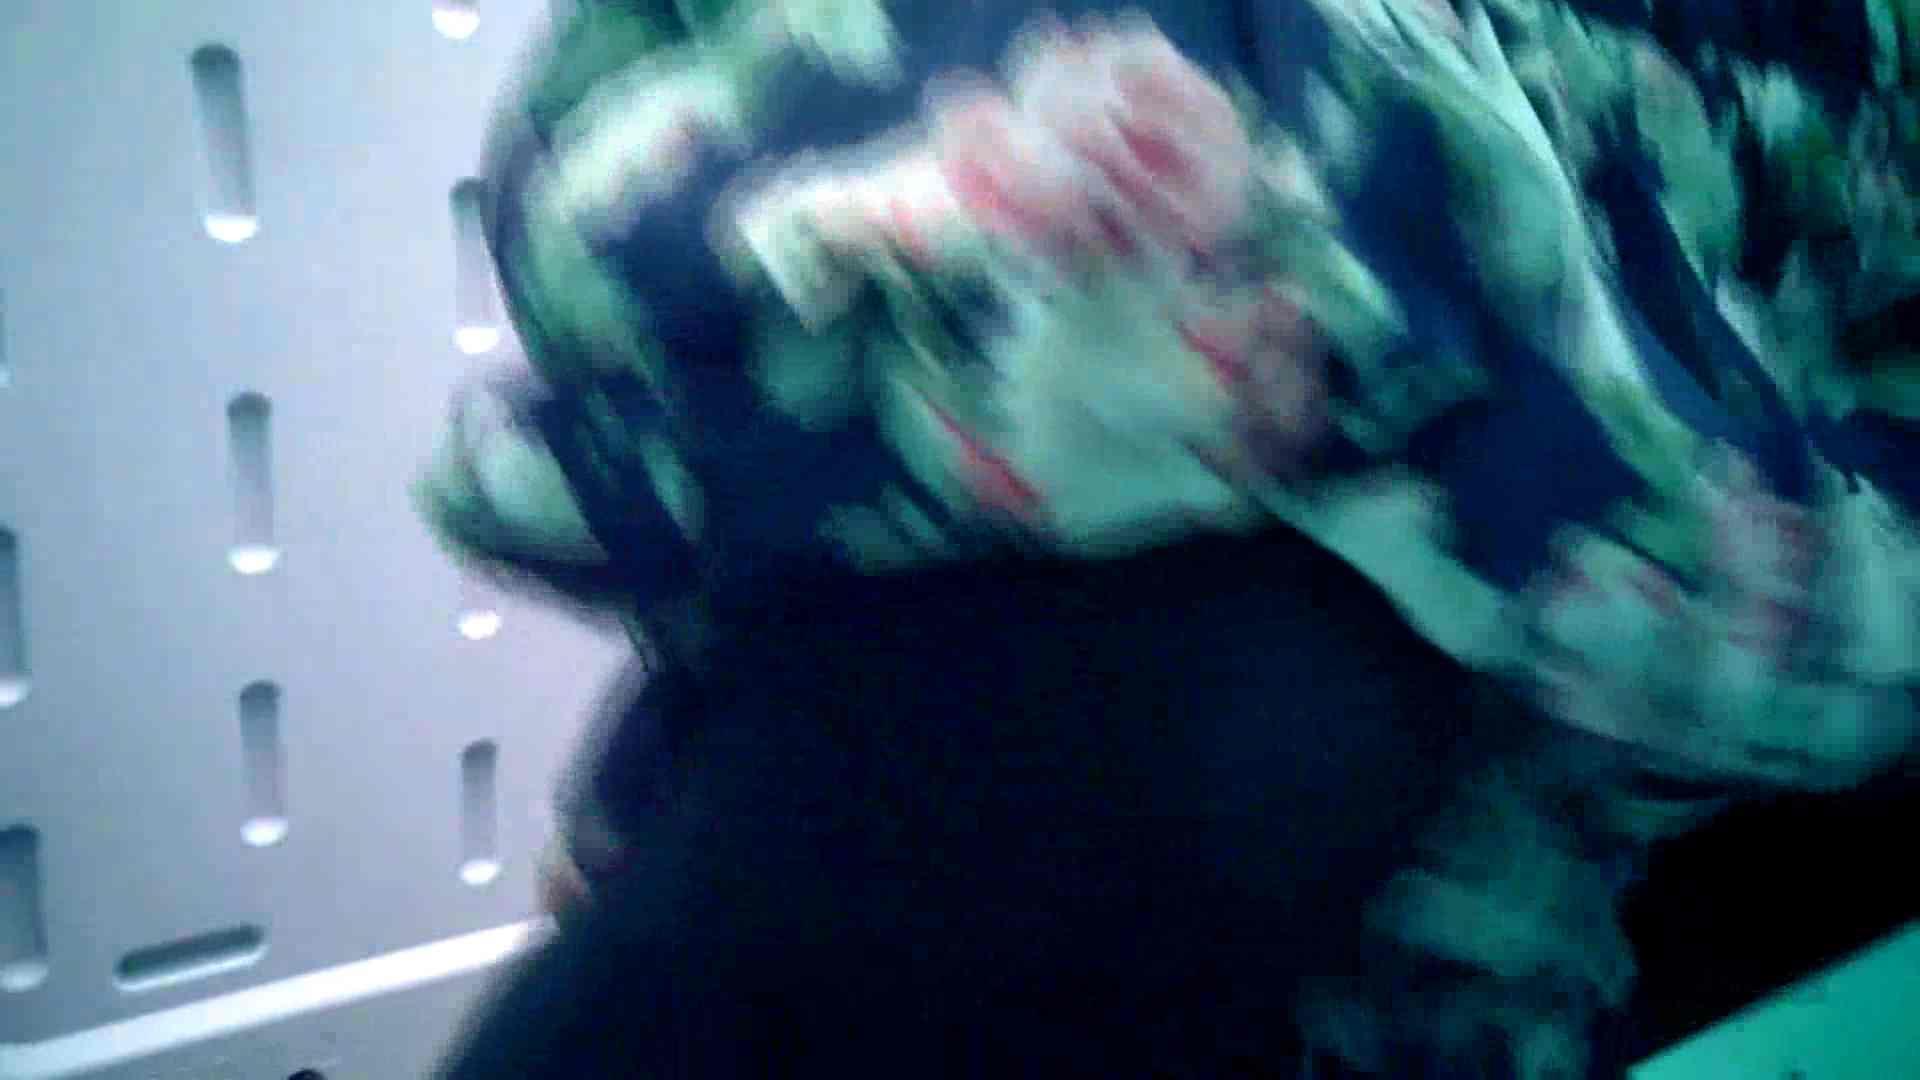 痴態洗面所 Vol.09 美女系、清楚系、ギャル系、時々祭り系?? 高画質 おまんこ動画流出 90枚 58